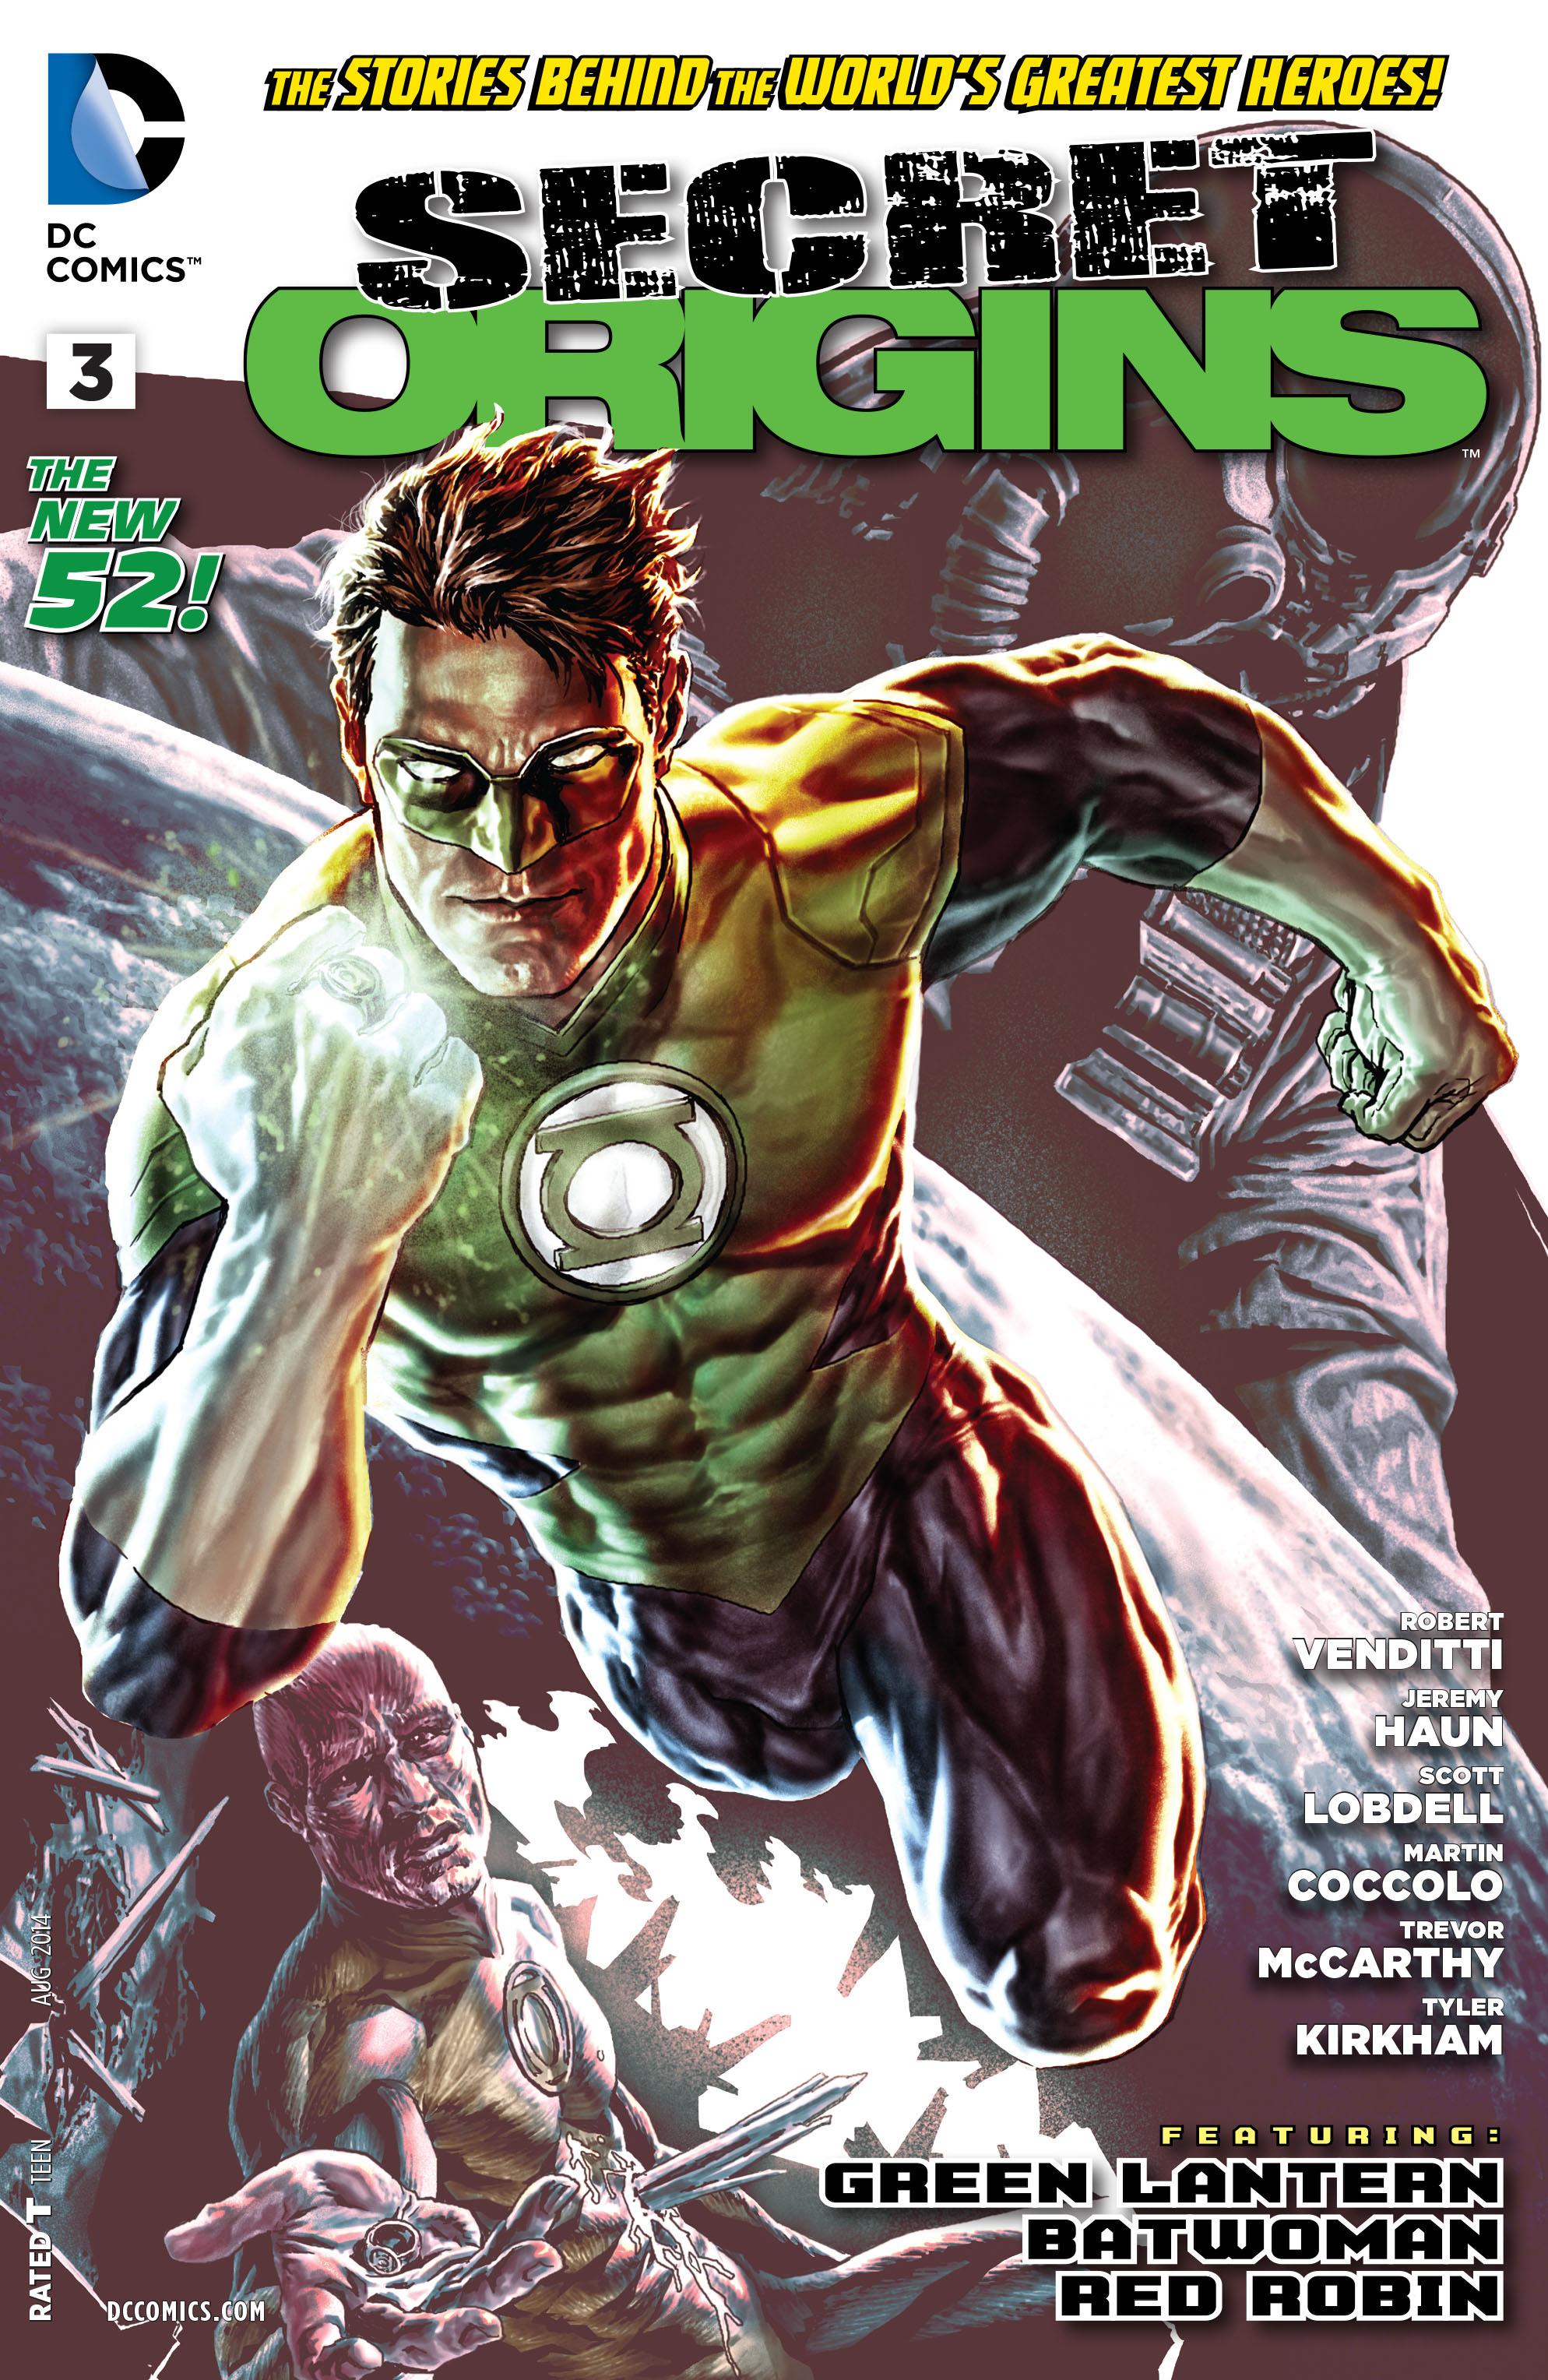 The cover of SECRET ORIGINS #3